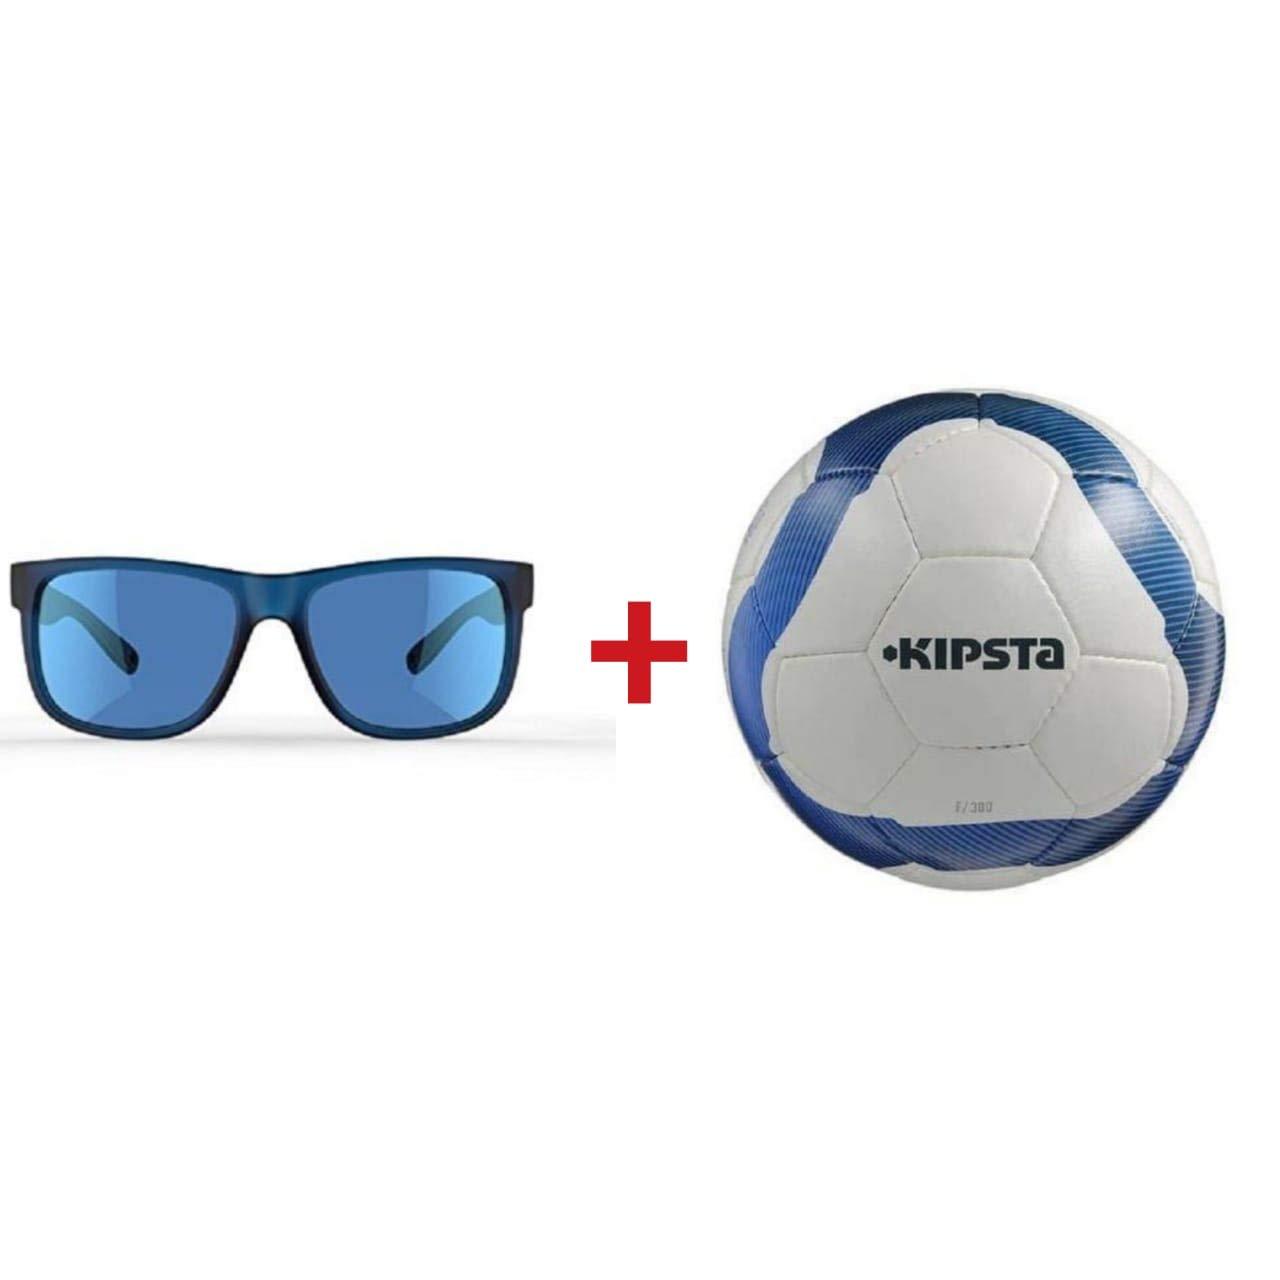 KIPSTA フットボールサイズ5クィクアMH 540大人用サングラスゴーグル 2個パック